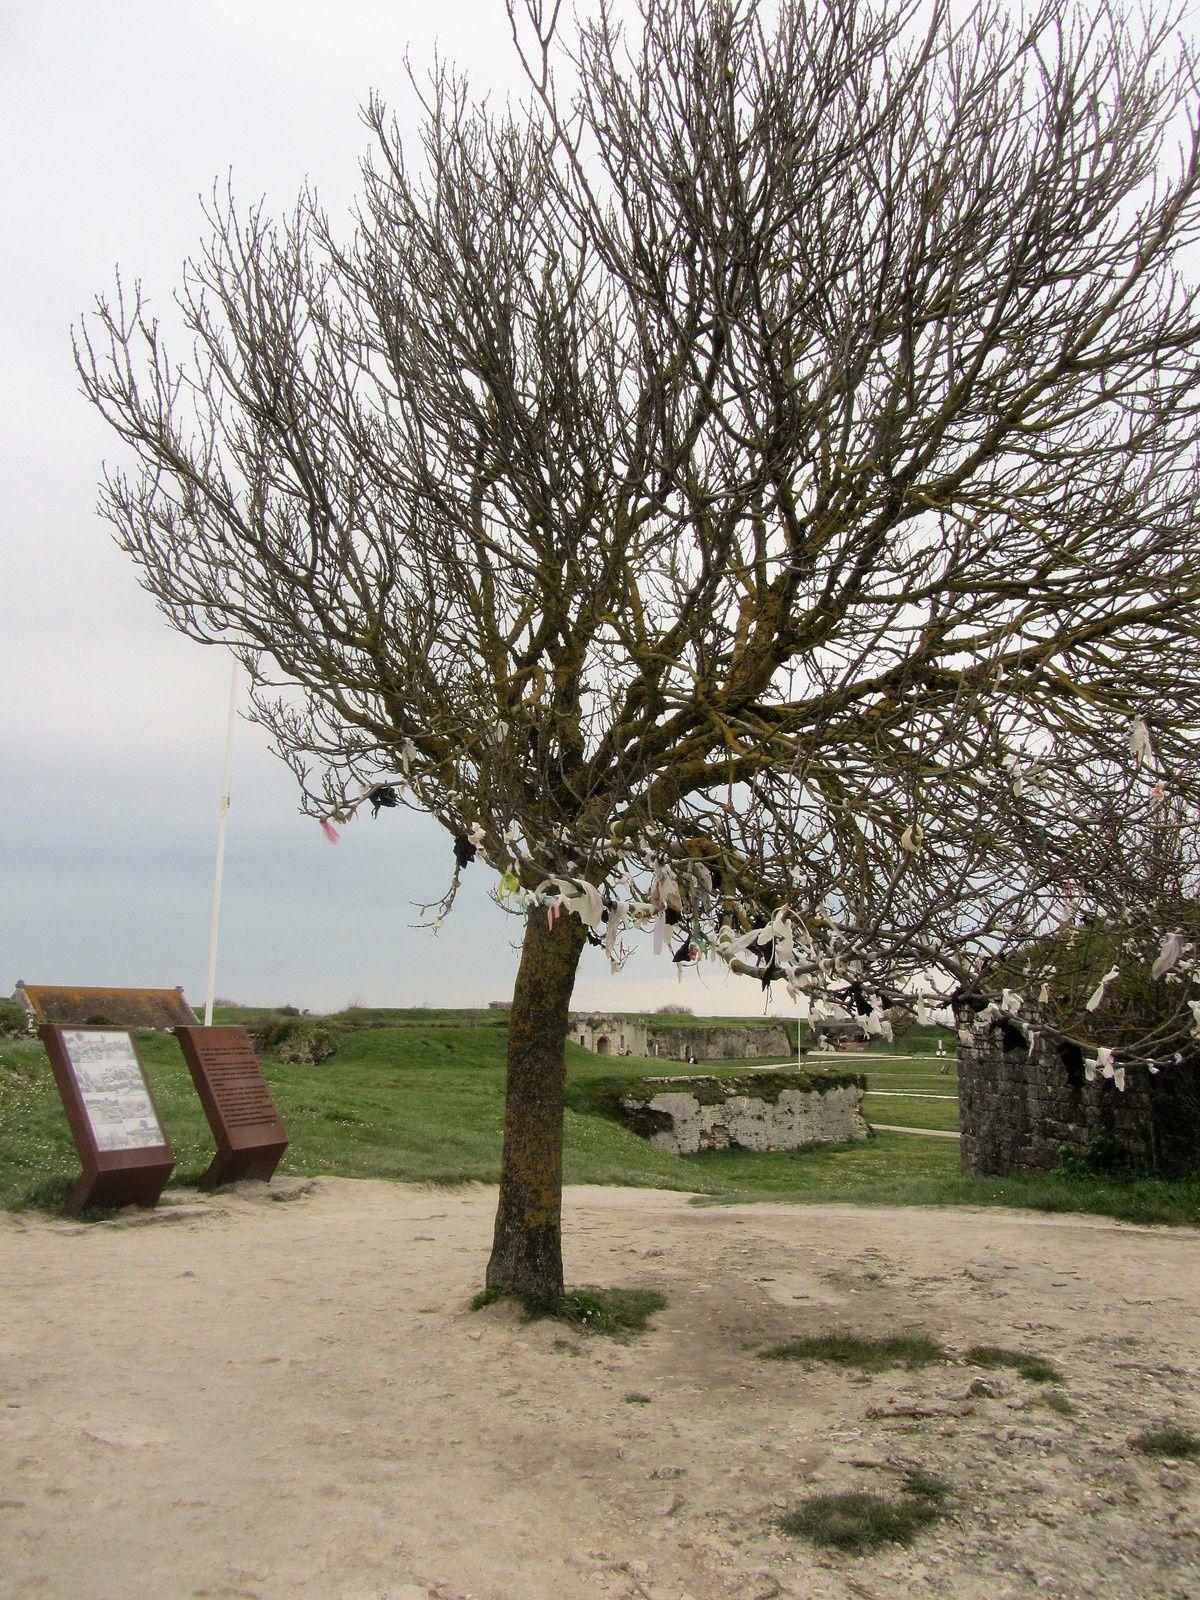 Sur la muraille de la citadelle, un arbre dénudé par l'hiver, mais vêtu par les habitants de l'île.